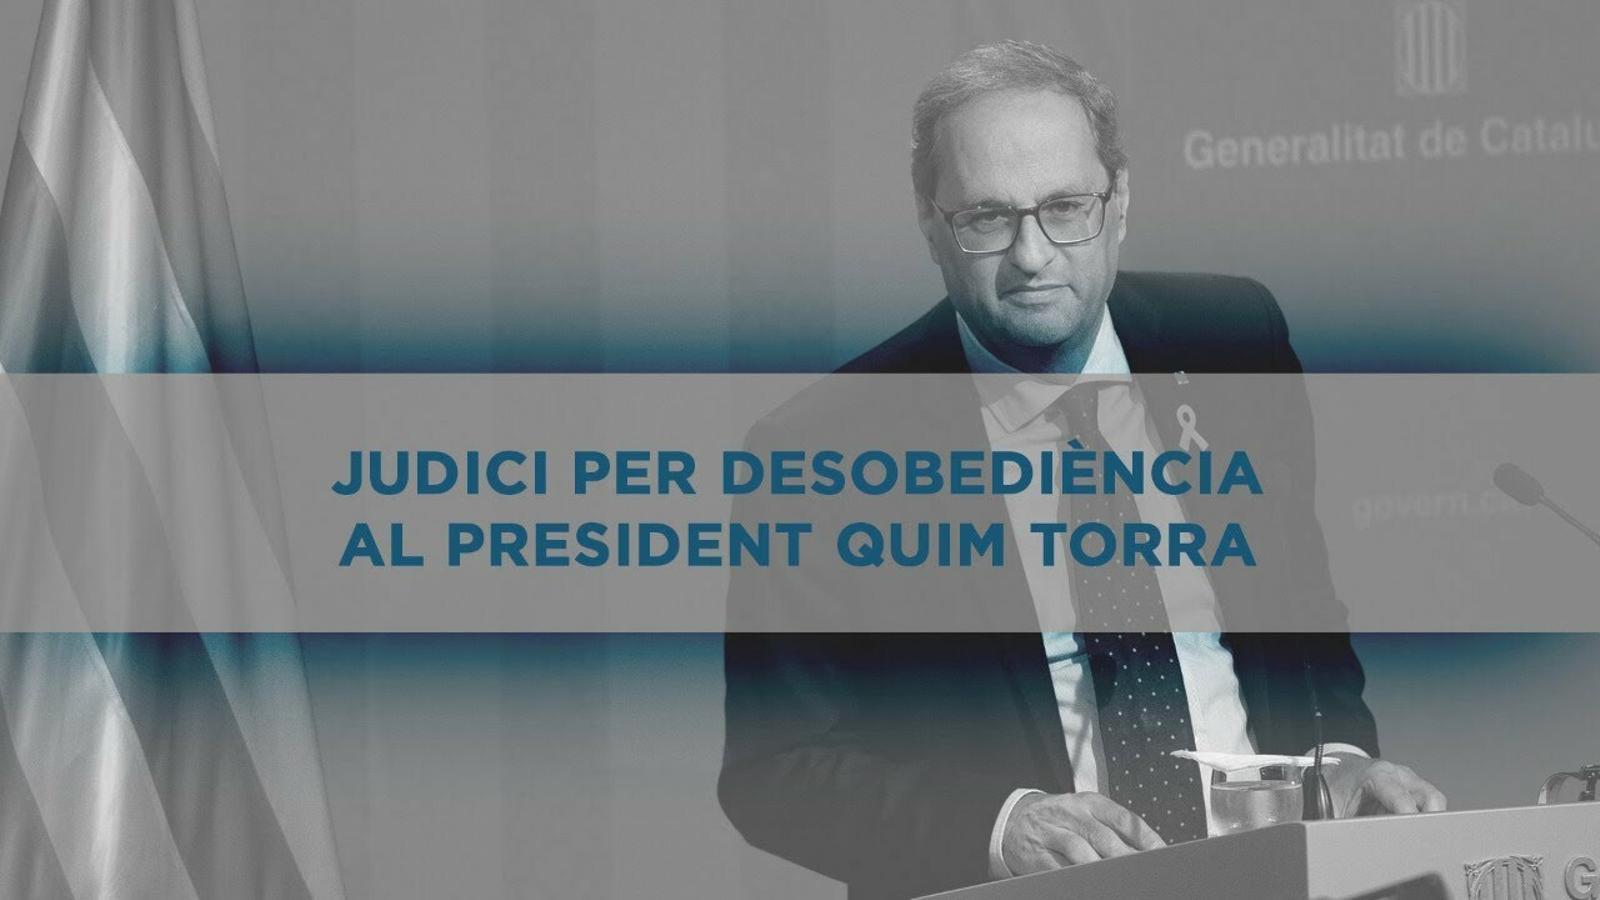 Judici per desobediència al president Quim Torra (sessió matí)